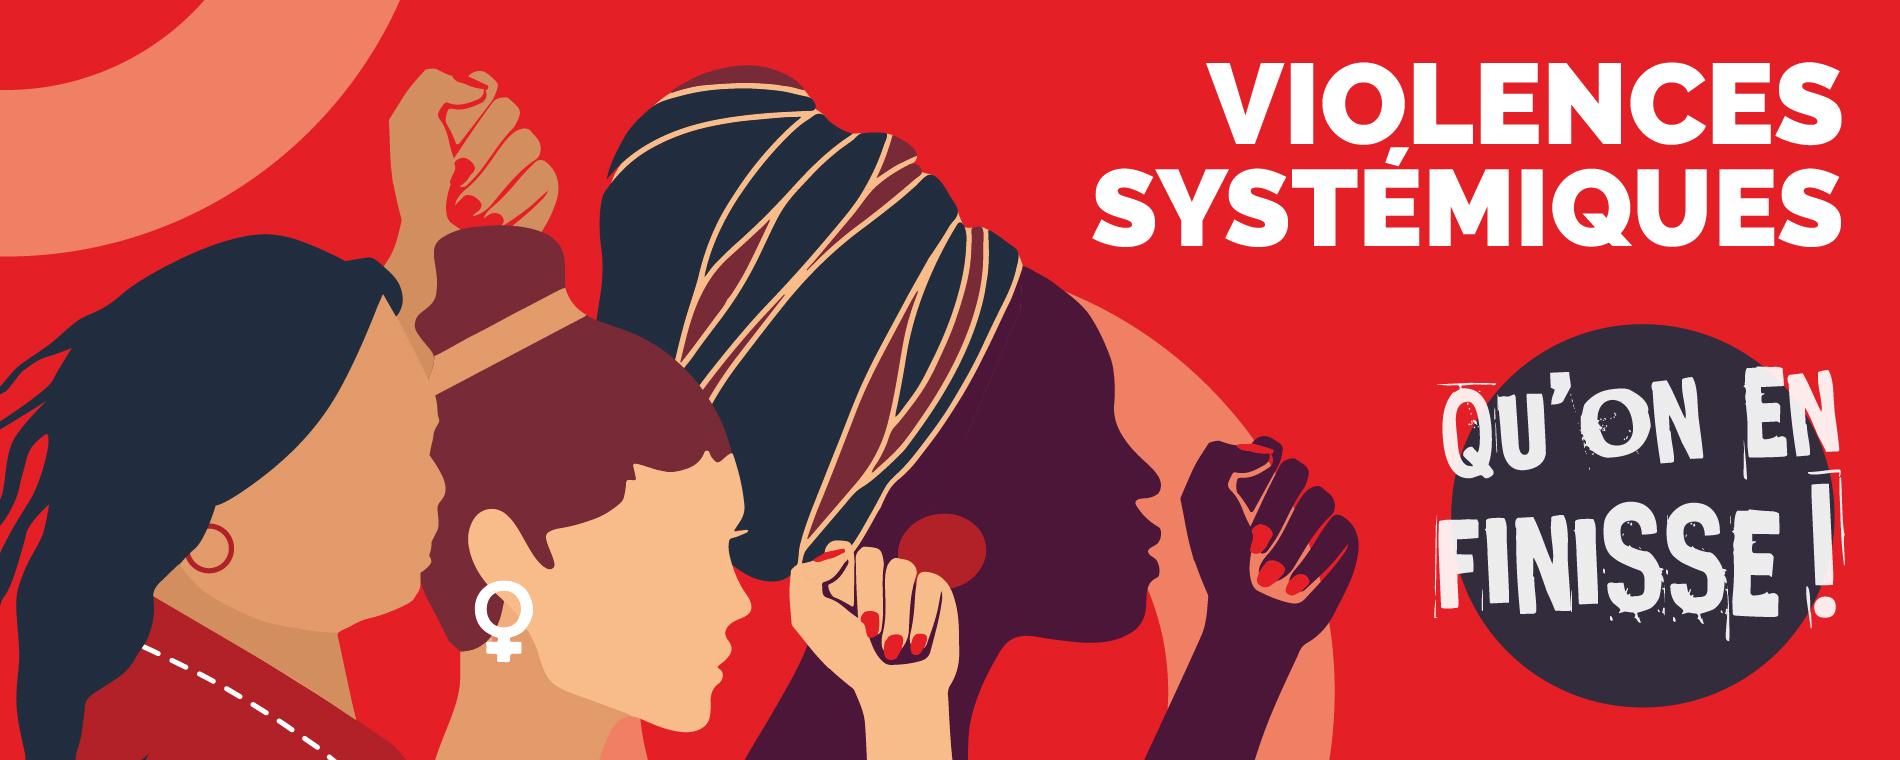 Panel sur les violences systémiques et institutionnelles à l'égard des femmes dans différentes sphères sociales